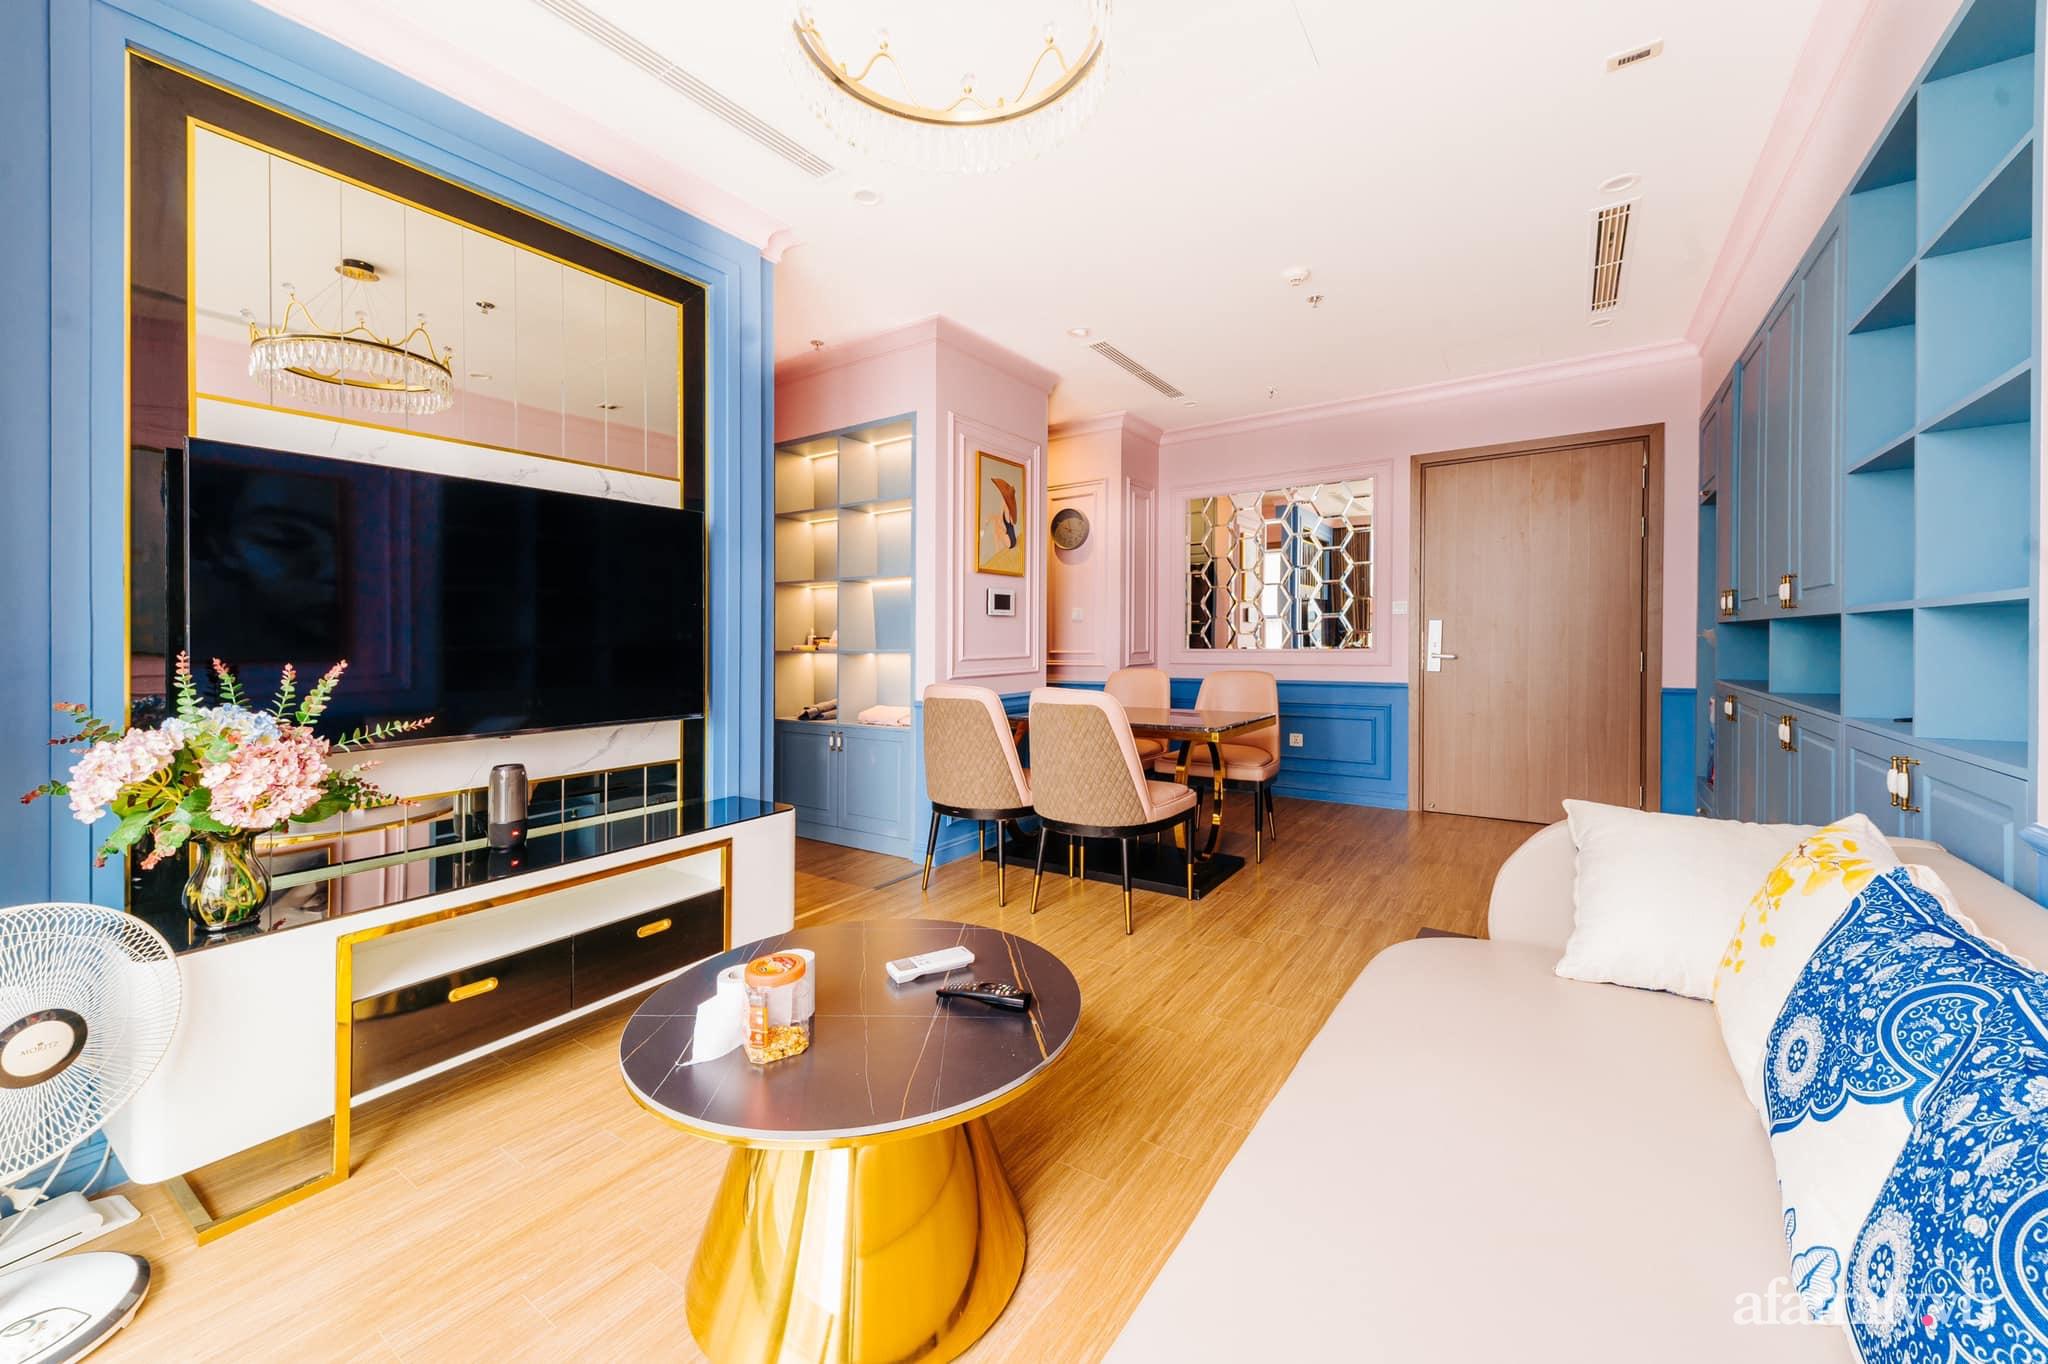 Căn hộ 45m² đẹp không góc chết với điểm nhấn màu xanh hồng cực chất có chi phí hoàn thiện 200 triệu đồng ở Hà Nội - Ảnh 1.